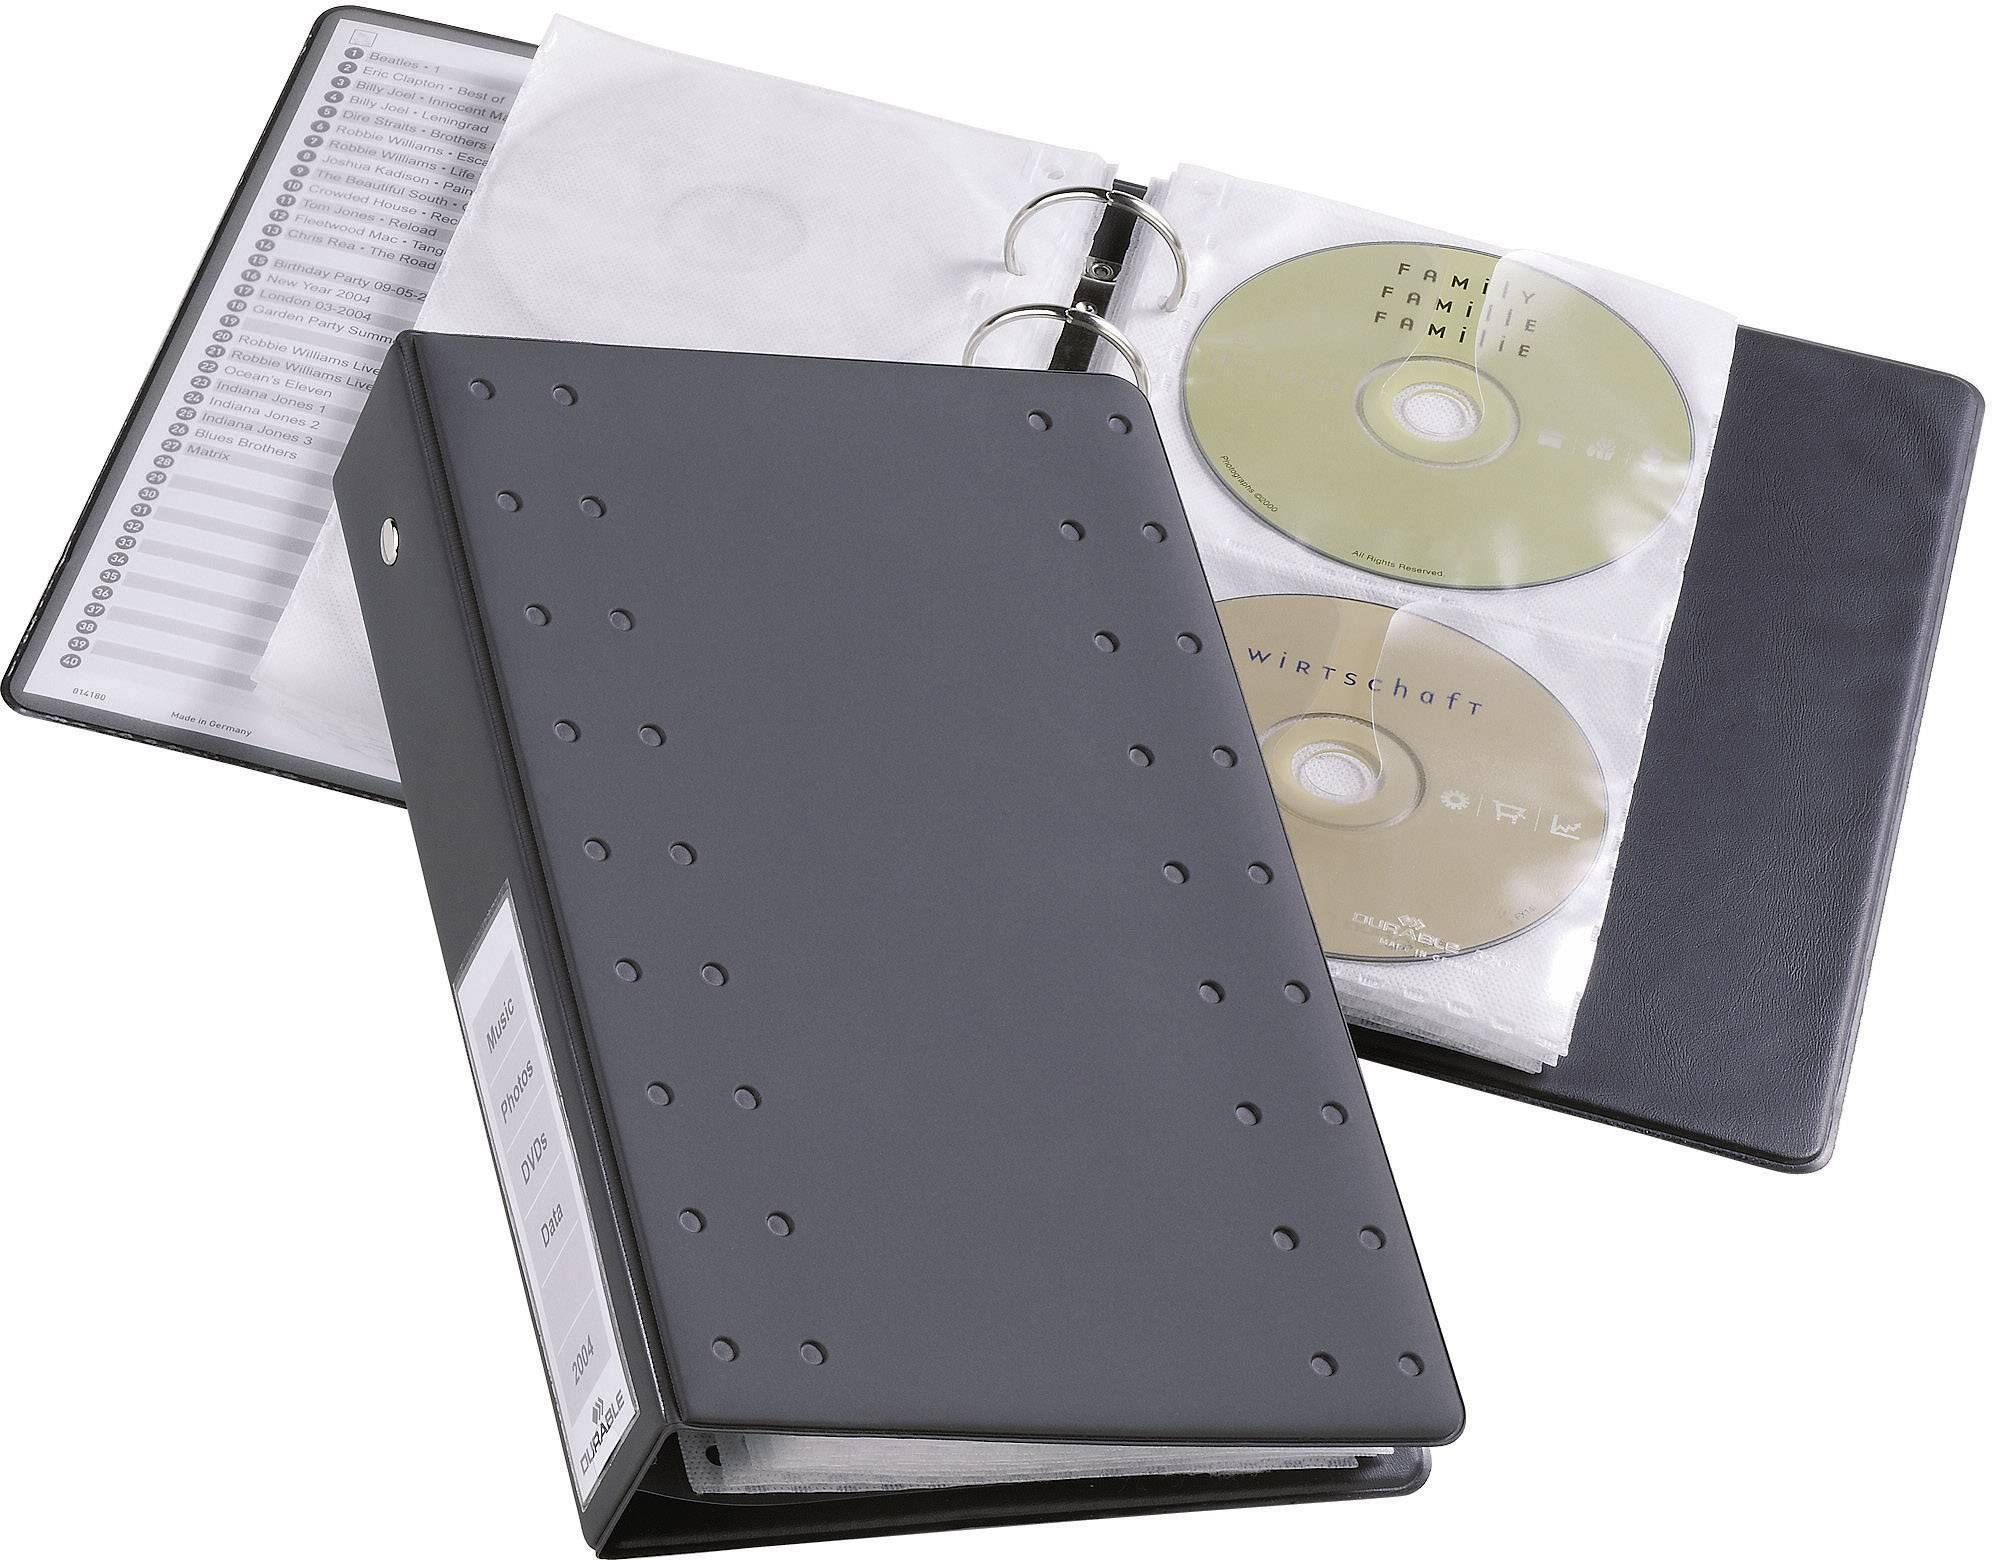 Obaly na CD/DVD Durable 5204-58 na 20 CD/DVD, antracitová